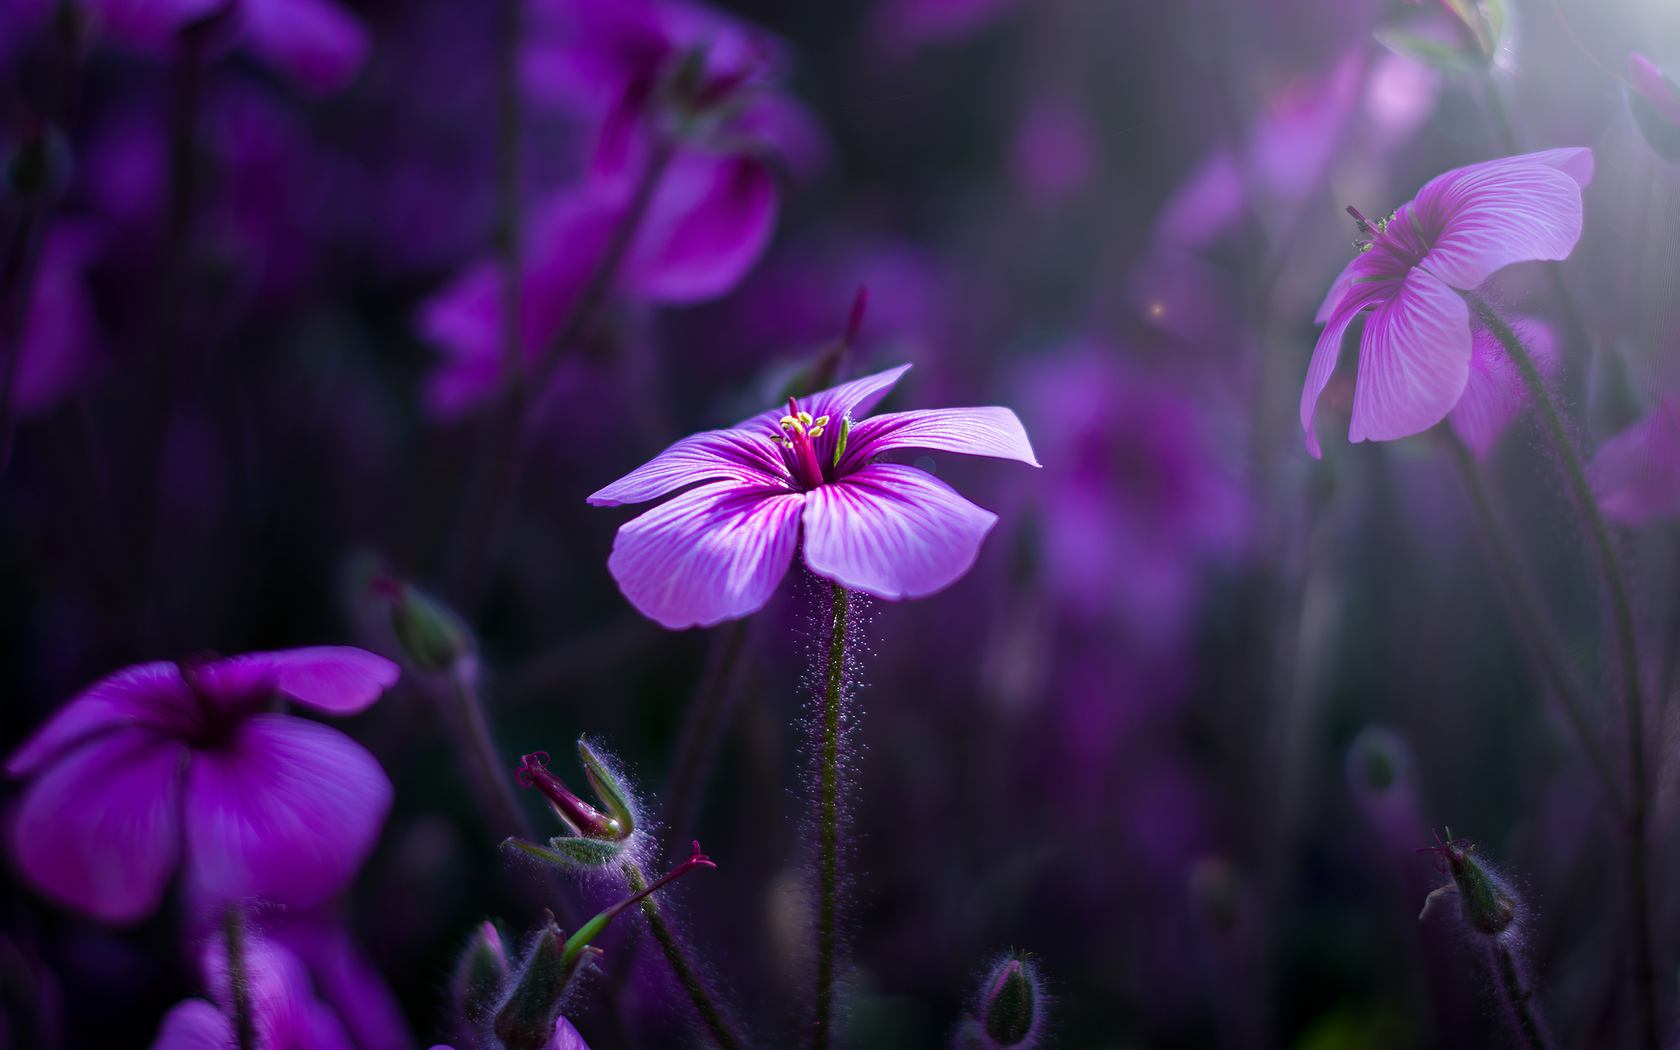 purple-flowers-macro-4k-wx.jpg